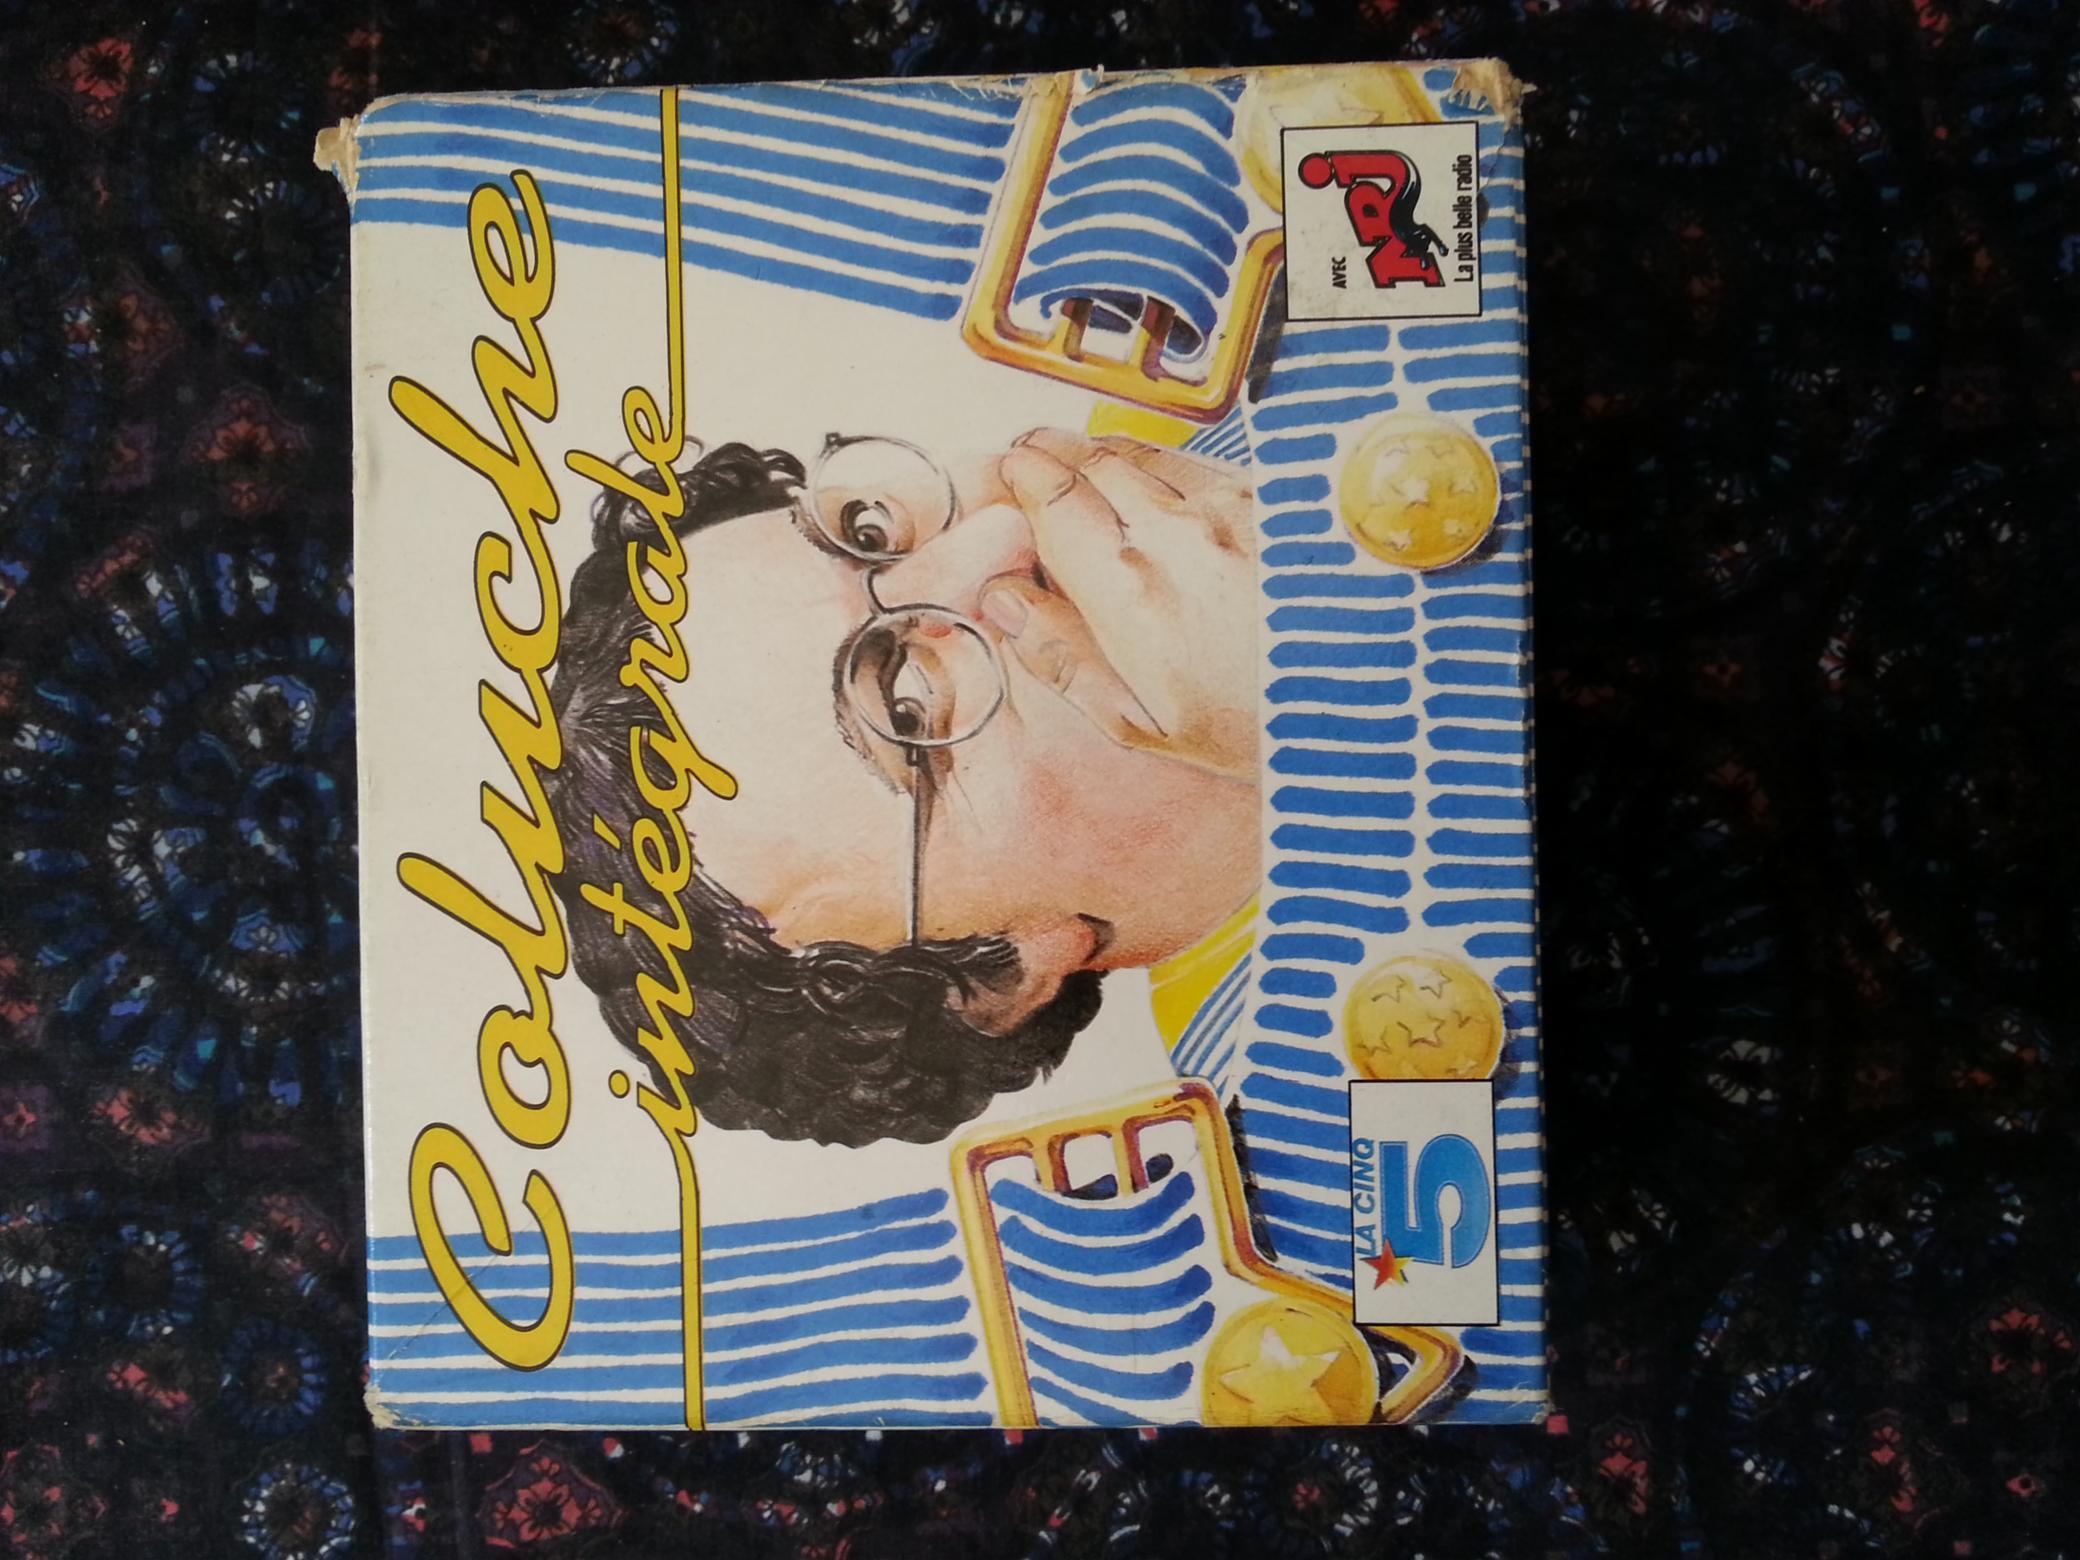 21 achat et vente de CD/DVD/VINYLES etc achat-vente CD/DVD/BD/Vinyles achat et vente de CD/DVD/VINYLES etc